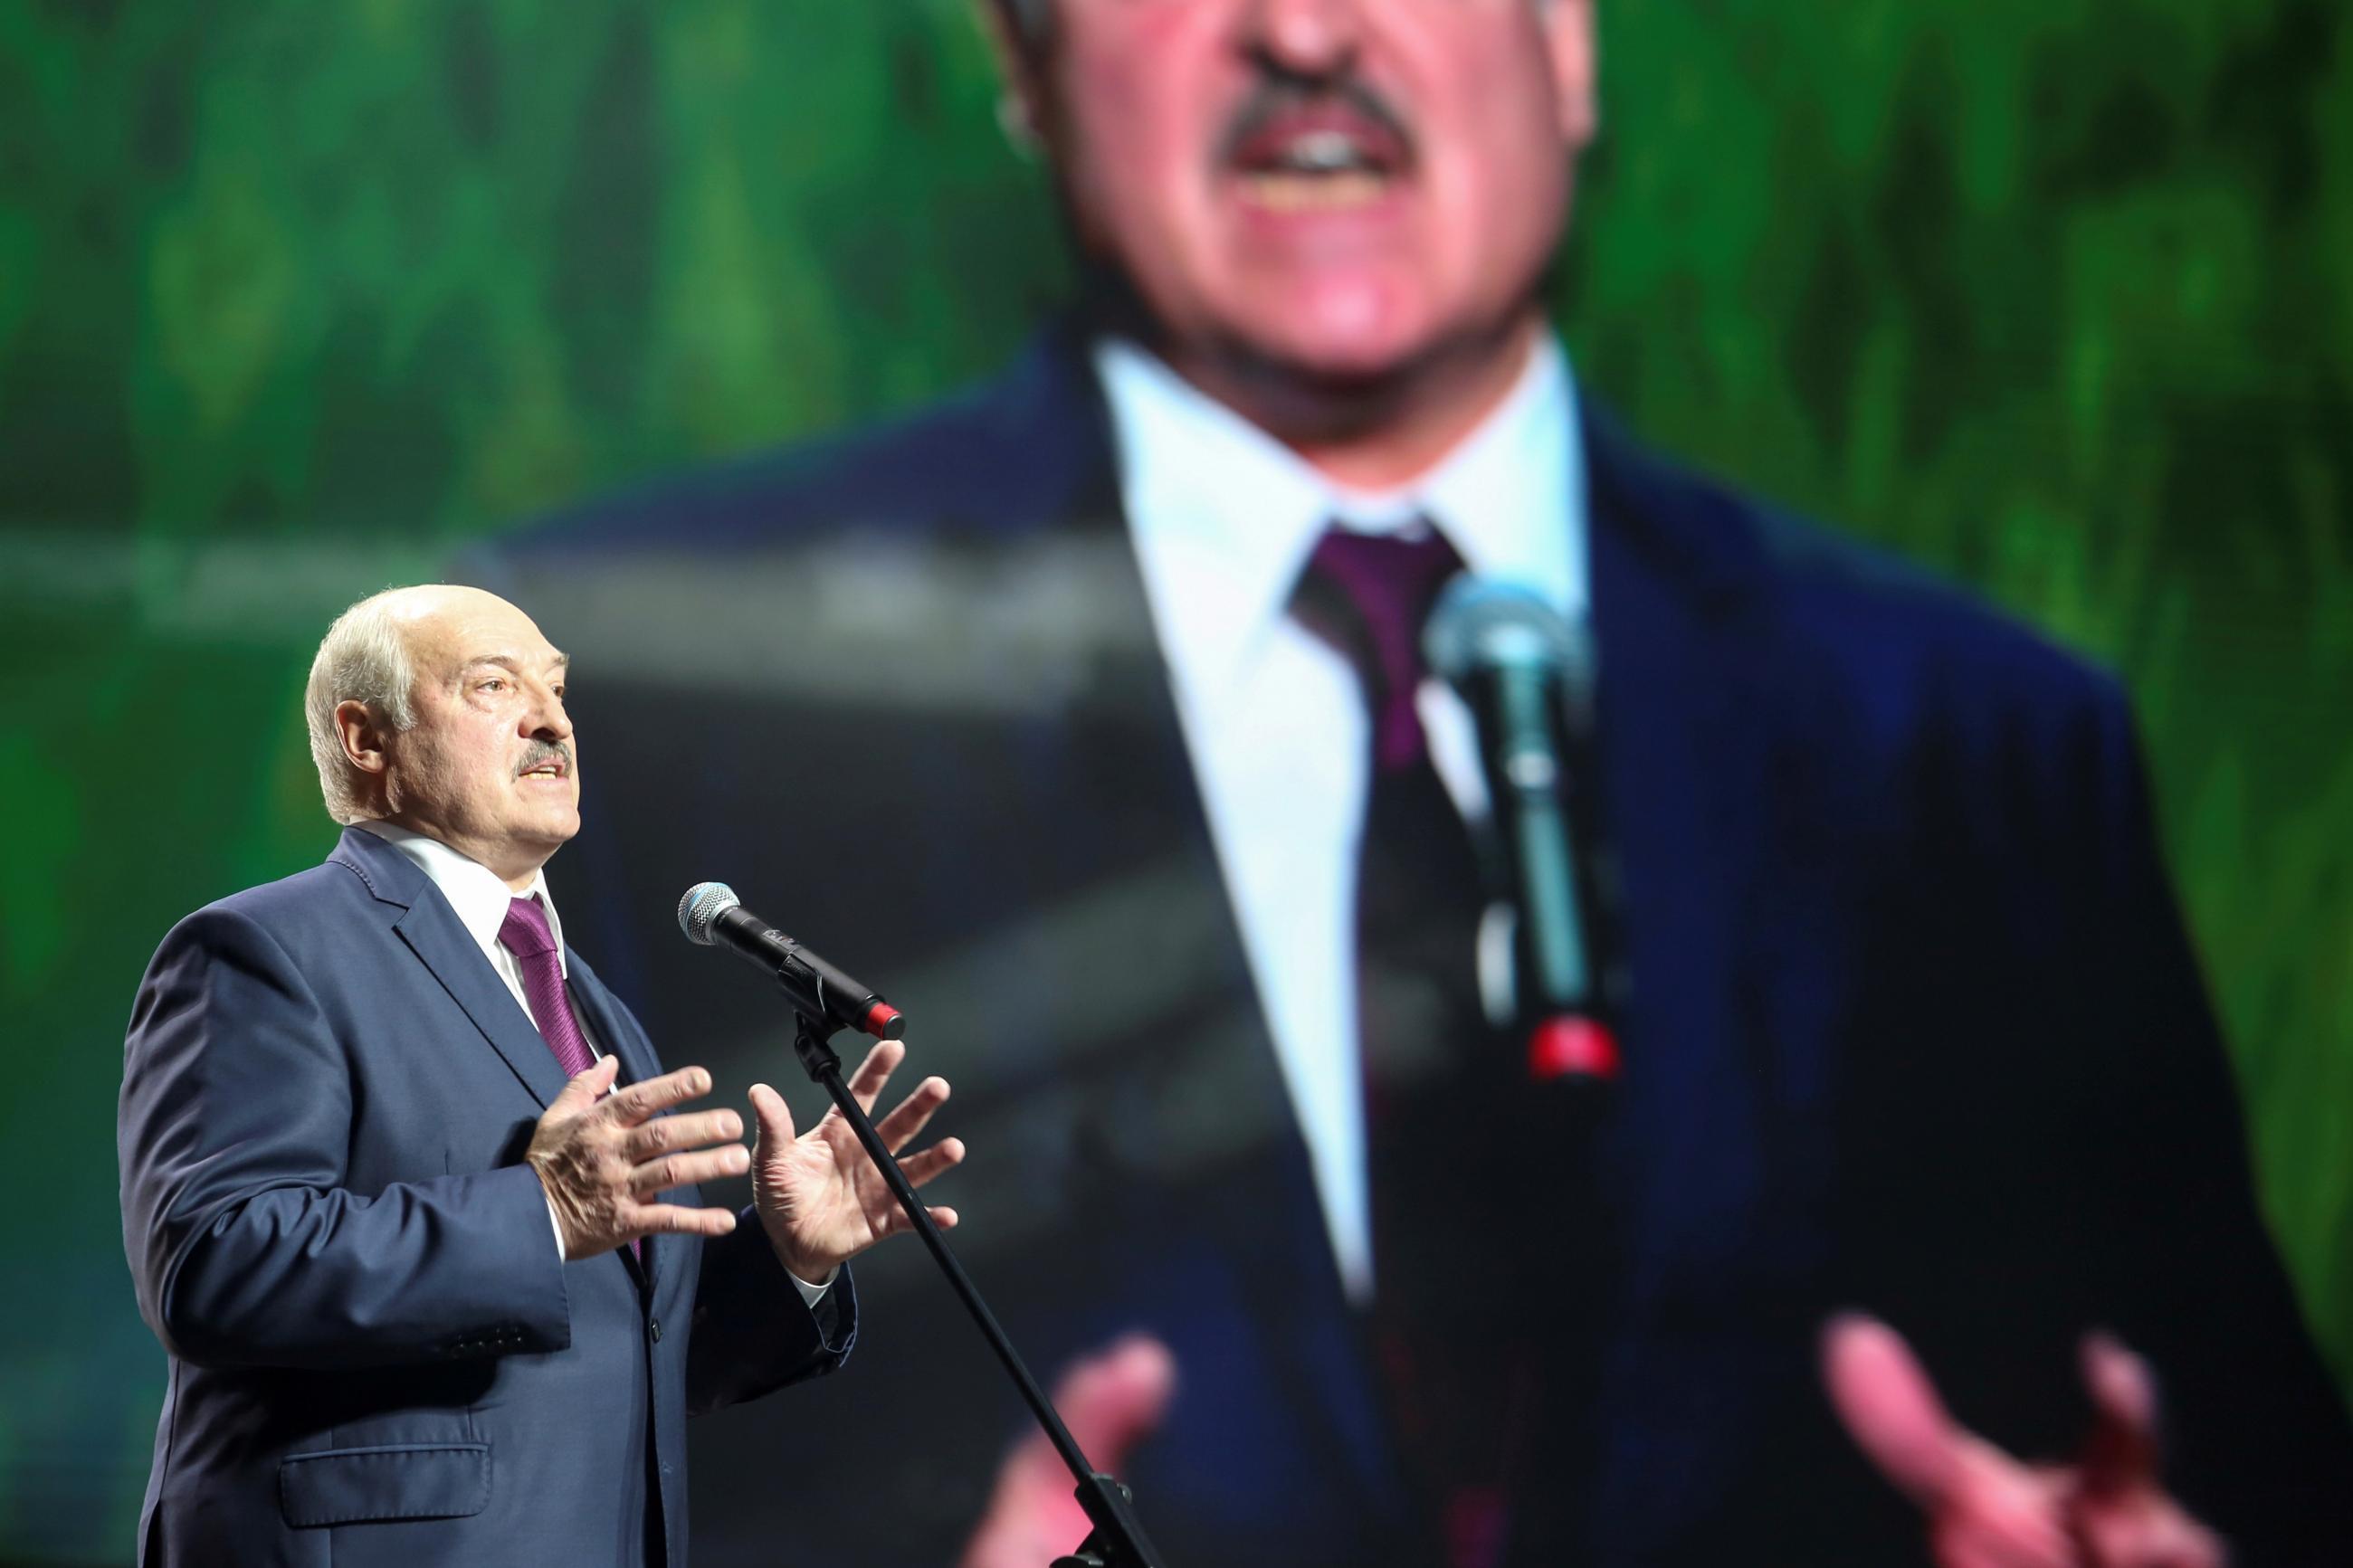 Belarusian President Alexander Lukashenko speaks at an event in Minsk, Belarus, September 17, 2020.